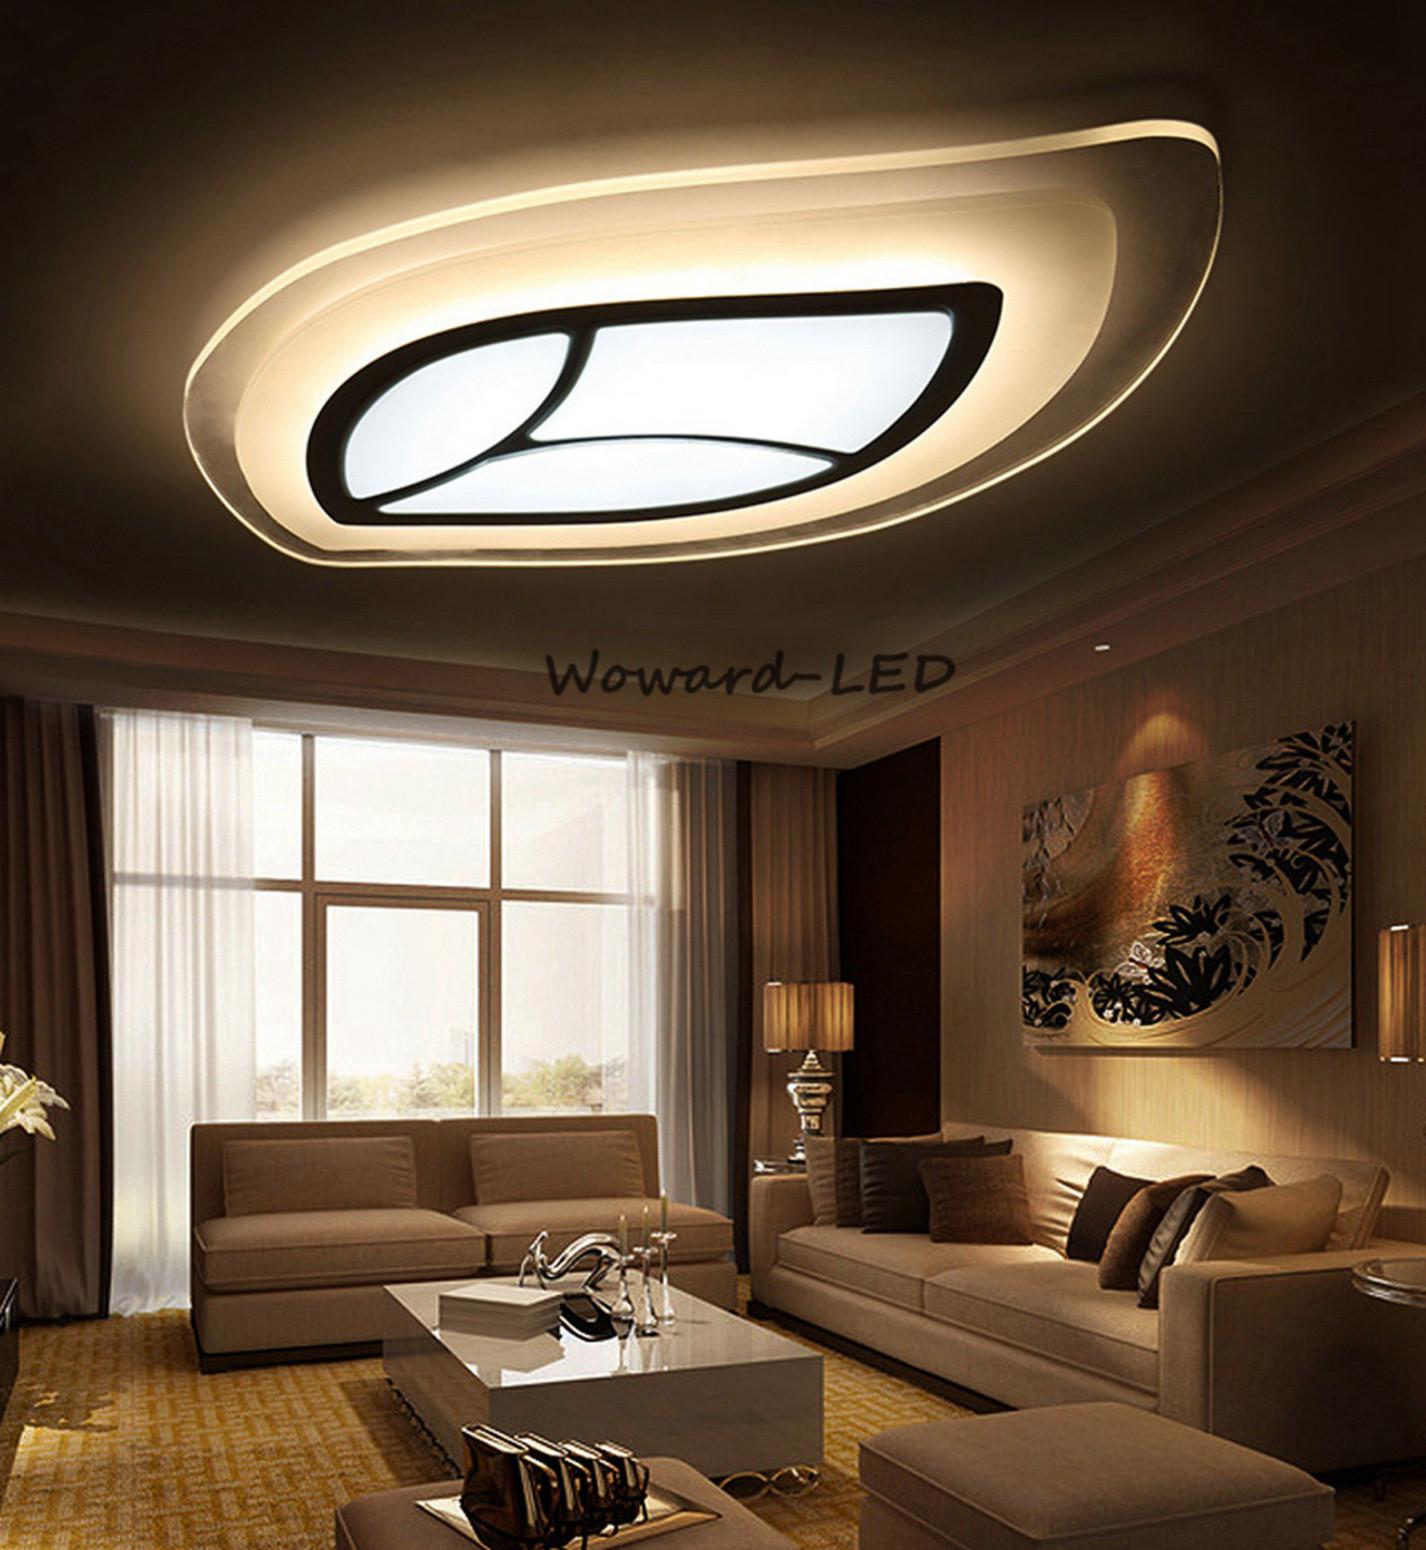 Wohnzimmer Led Deckenlampe Ideen von Led Wohnzimmer Deckenlampe Photo